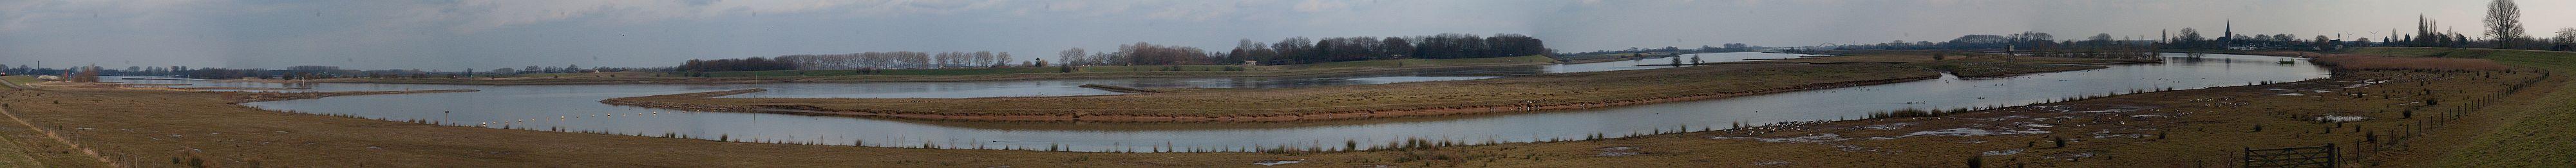 De rivier de Lek bij Everdingen